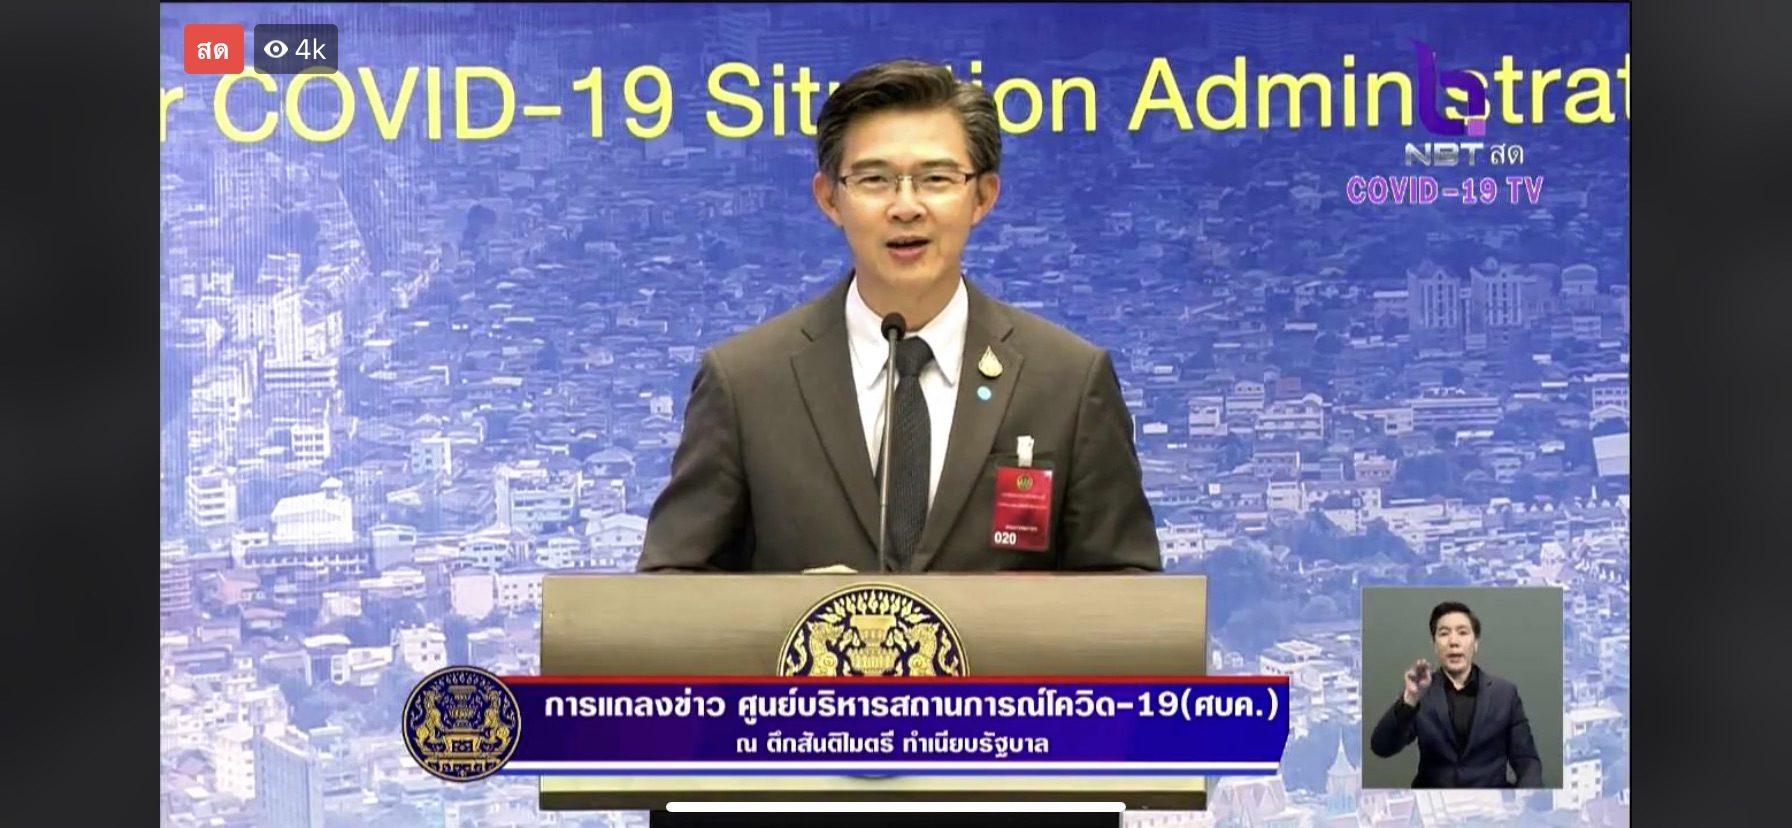 โฆษก ศบค.เผย 15 จว.ไม่พบผู้ป่วย 'โควิด-19' แต่ห่วง 'ภูเก็ต' ติดเชื้ออันดับ 1 ของไทย